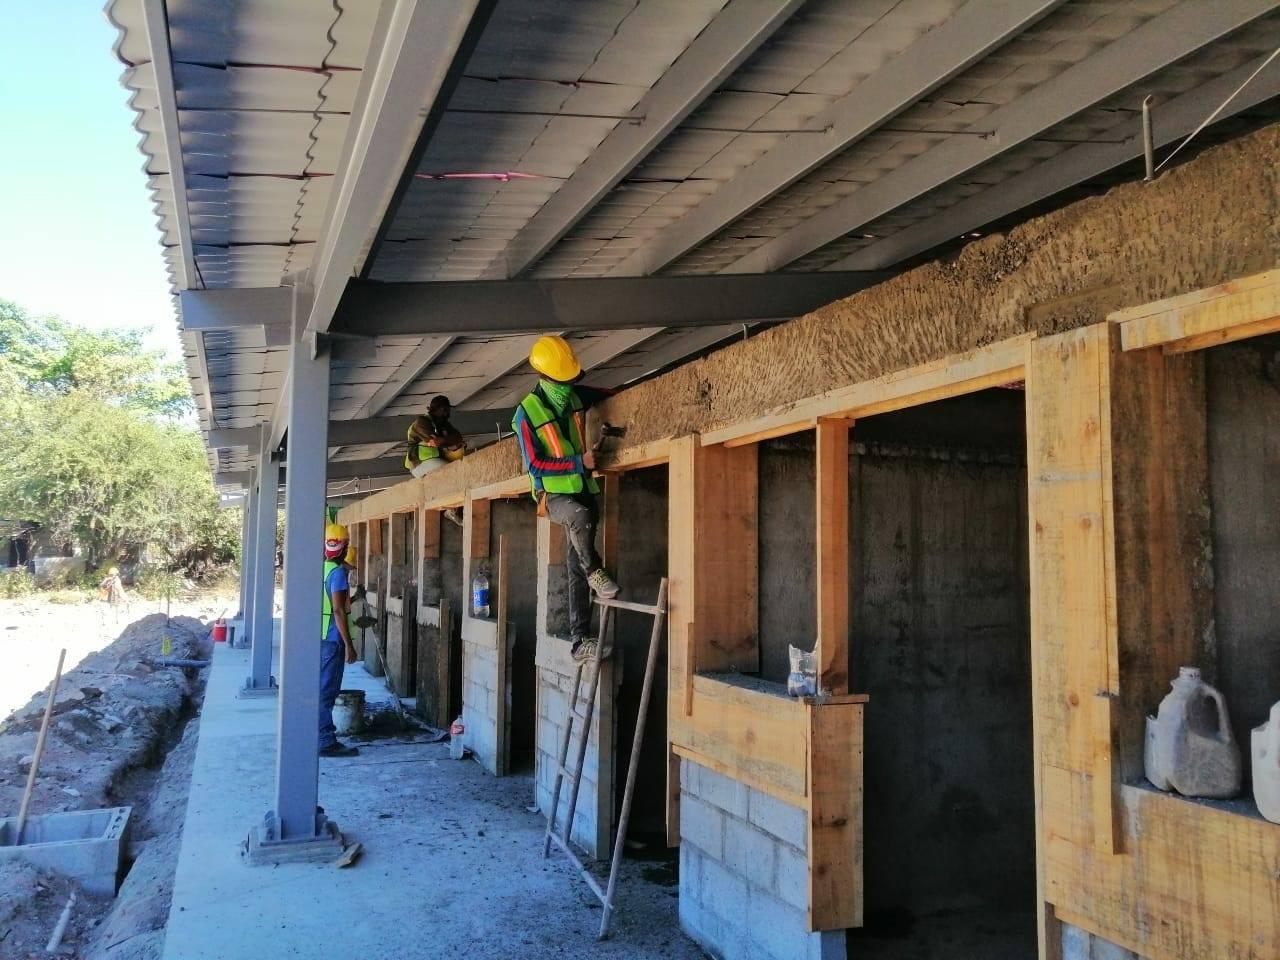 Supervisan construcción de módulos en El Guasaule Managua. Radio La Primerísima